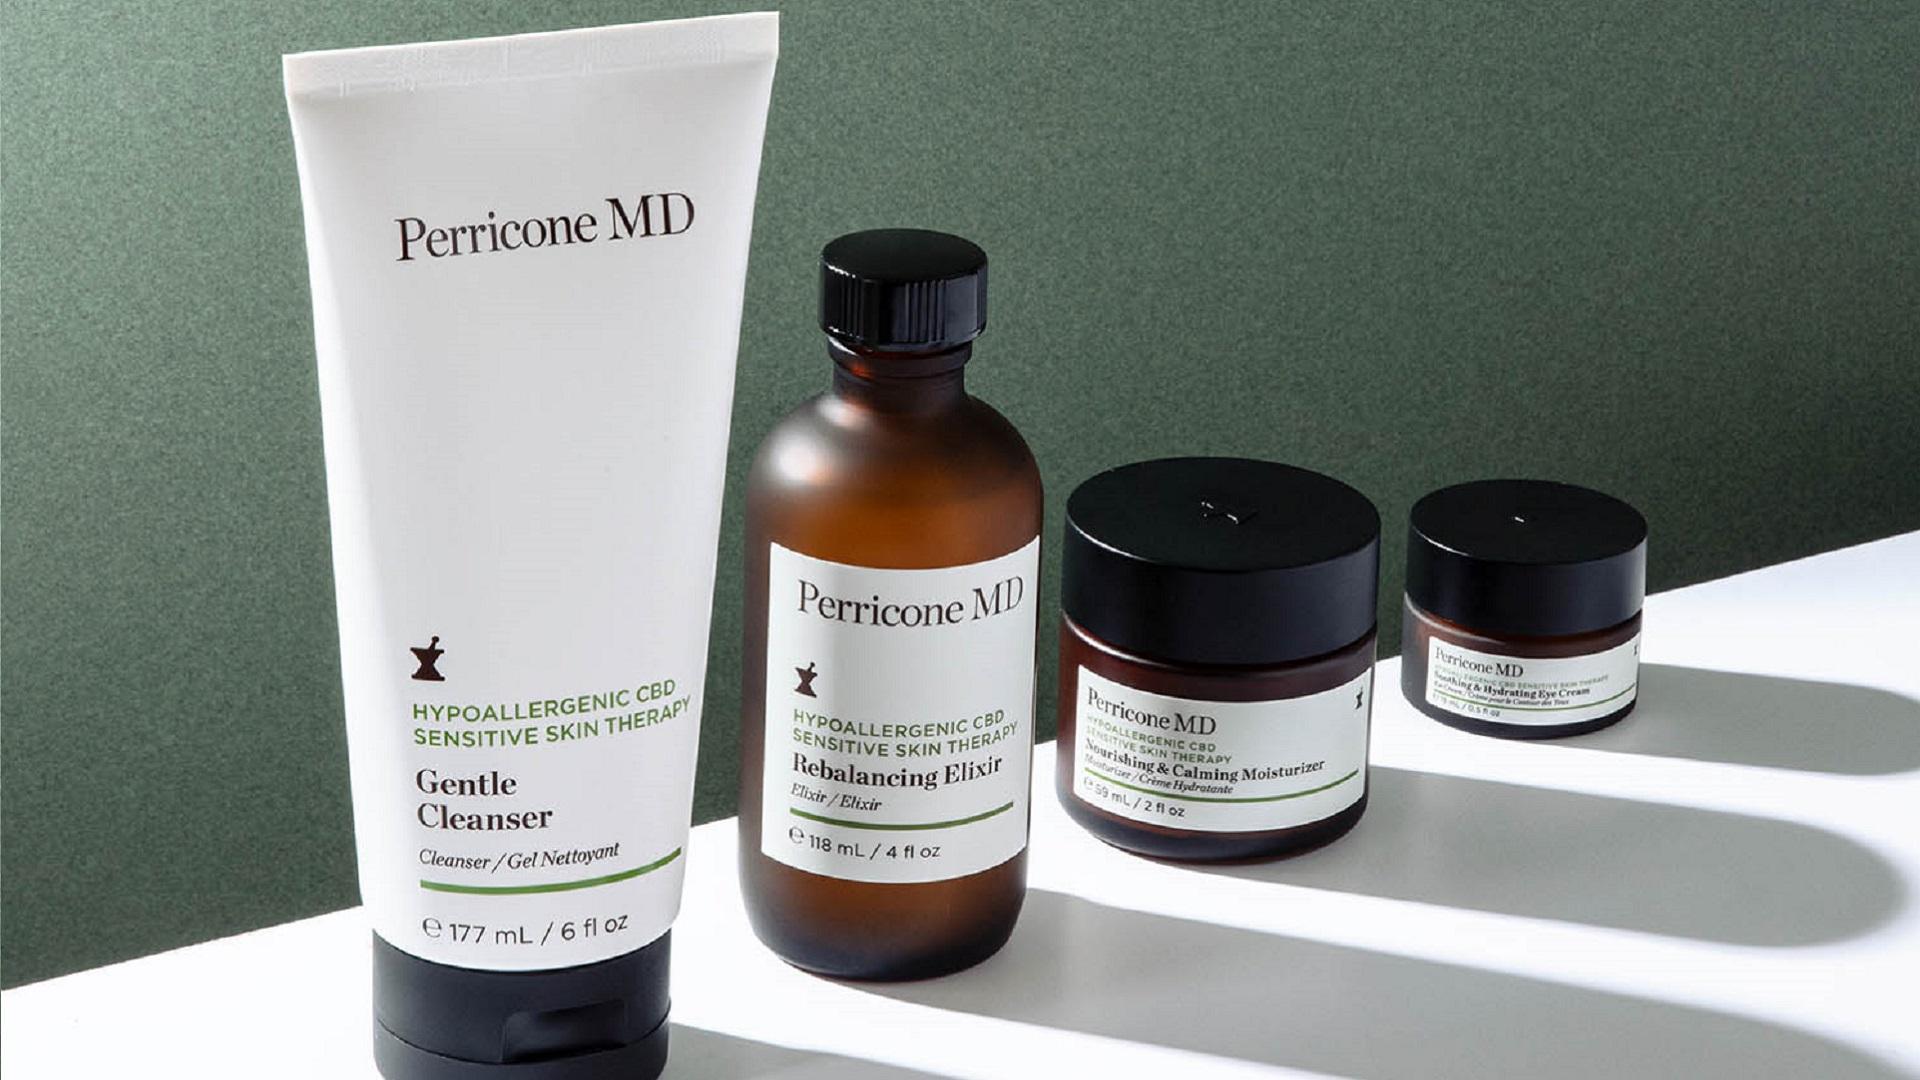 Perricone lanza una línea centrada en los CBD para las pieles sensibles